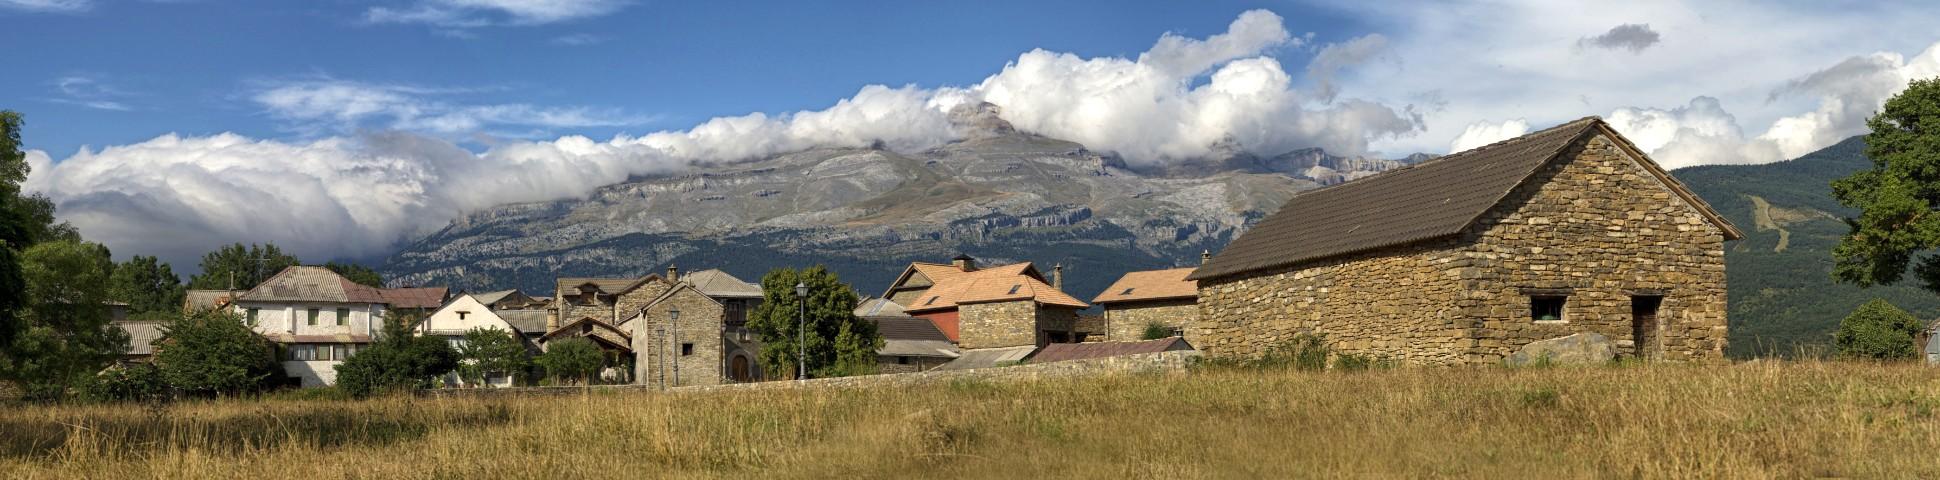 Aragon region in Spain